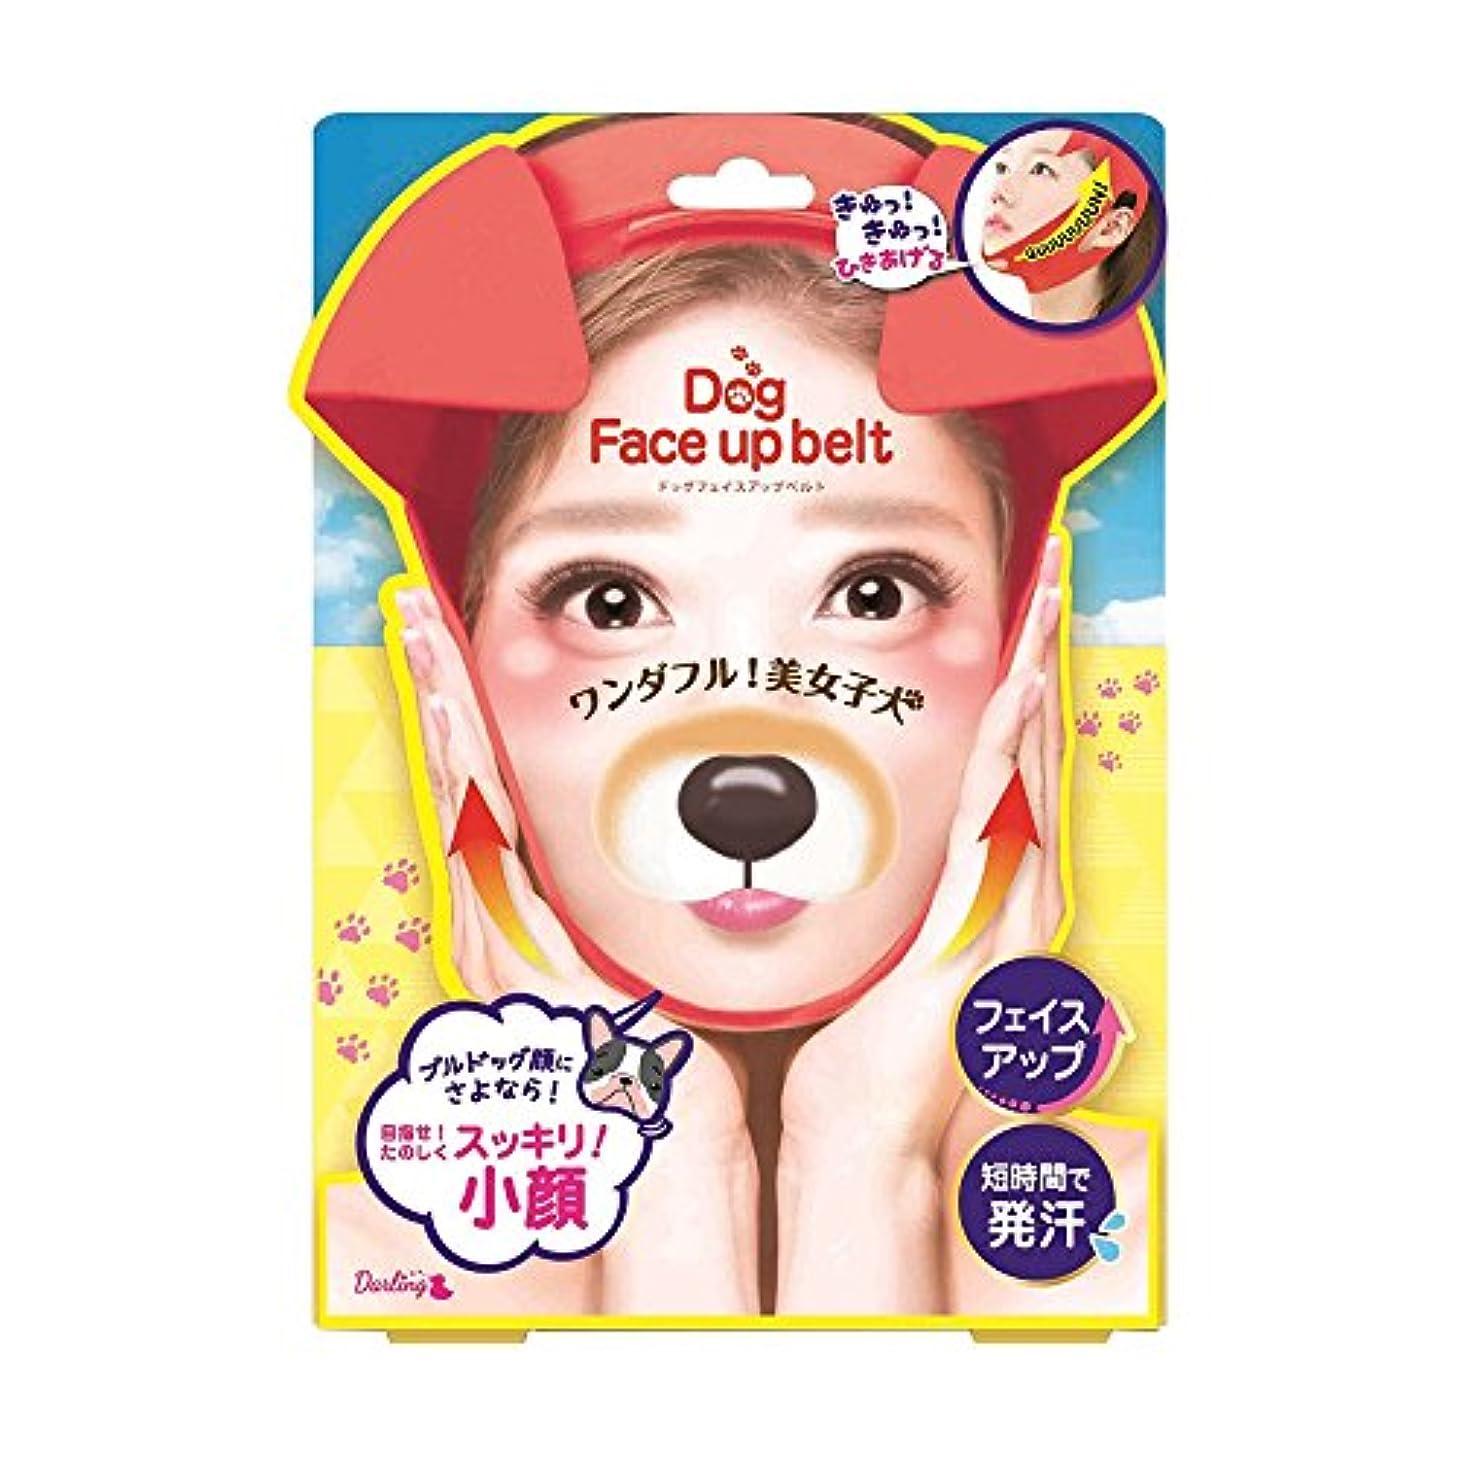 ヒュームお酢埋め込むビューティーワールド ドッグフェイスアップベルト DUB1501